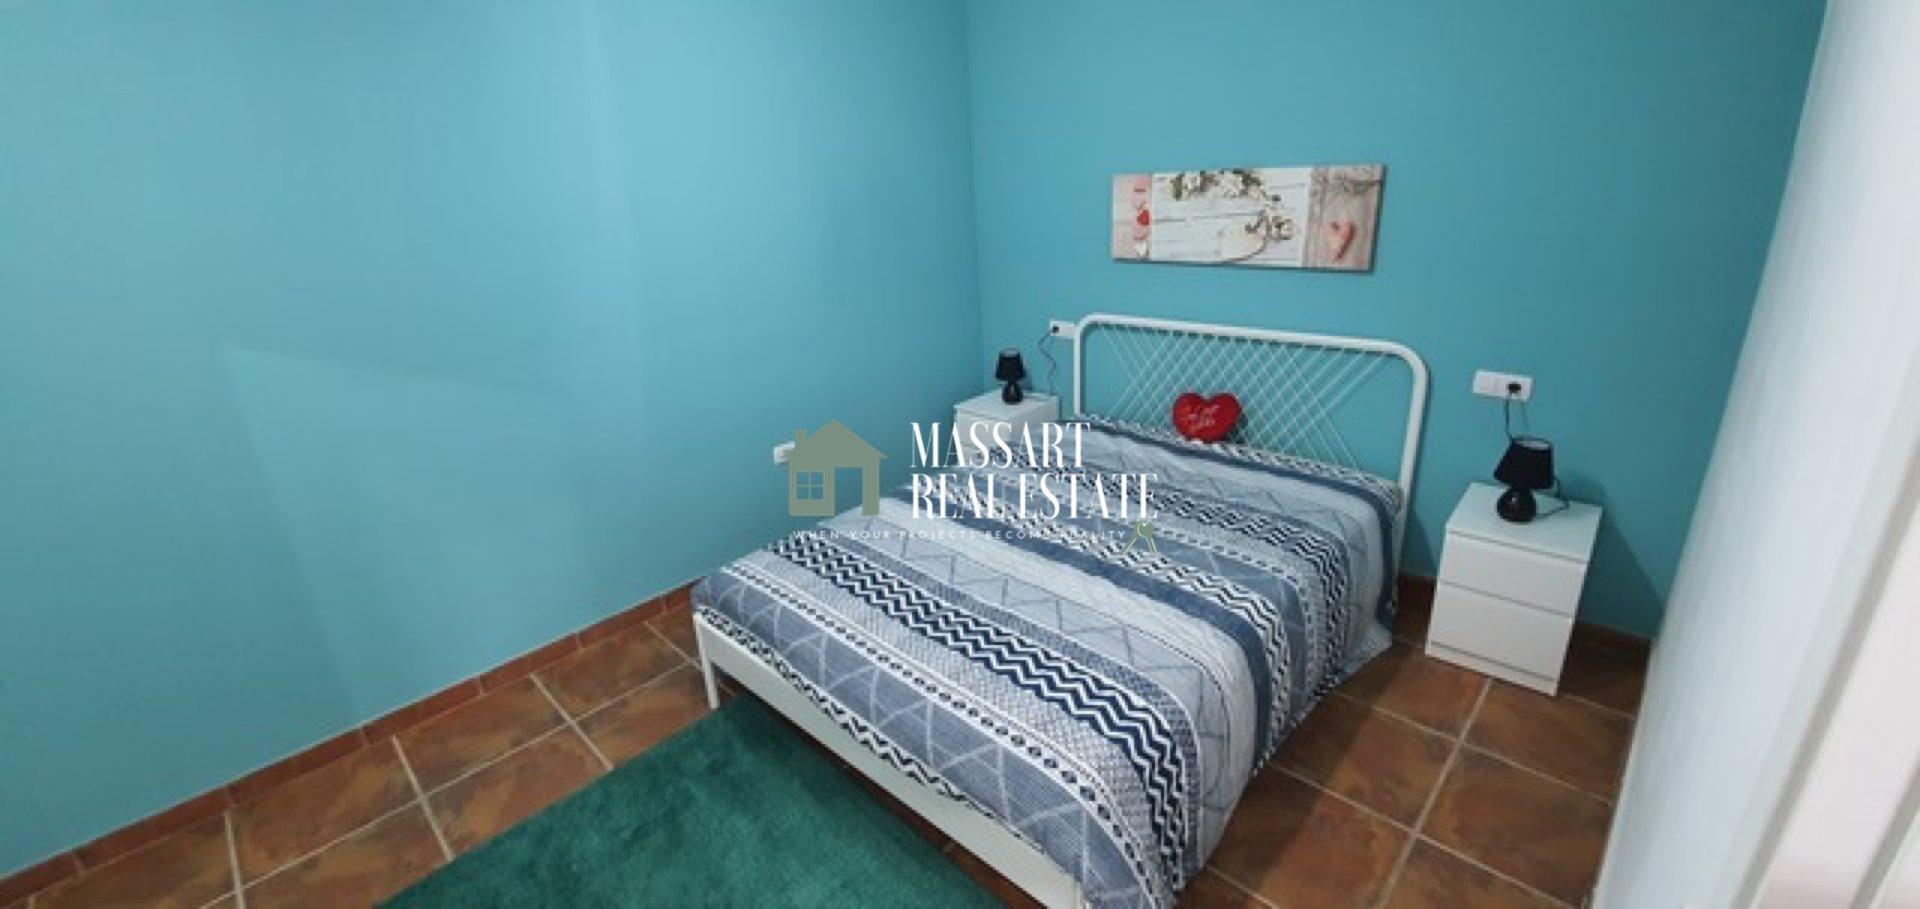 In affitto a Guargacho, appartamento recentemente ristrutturato situato in una tranquilla zona residenziale. Ideale per una coppia o una persona!